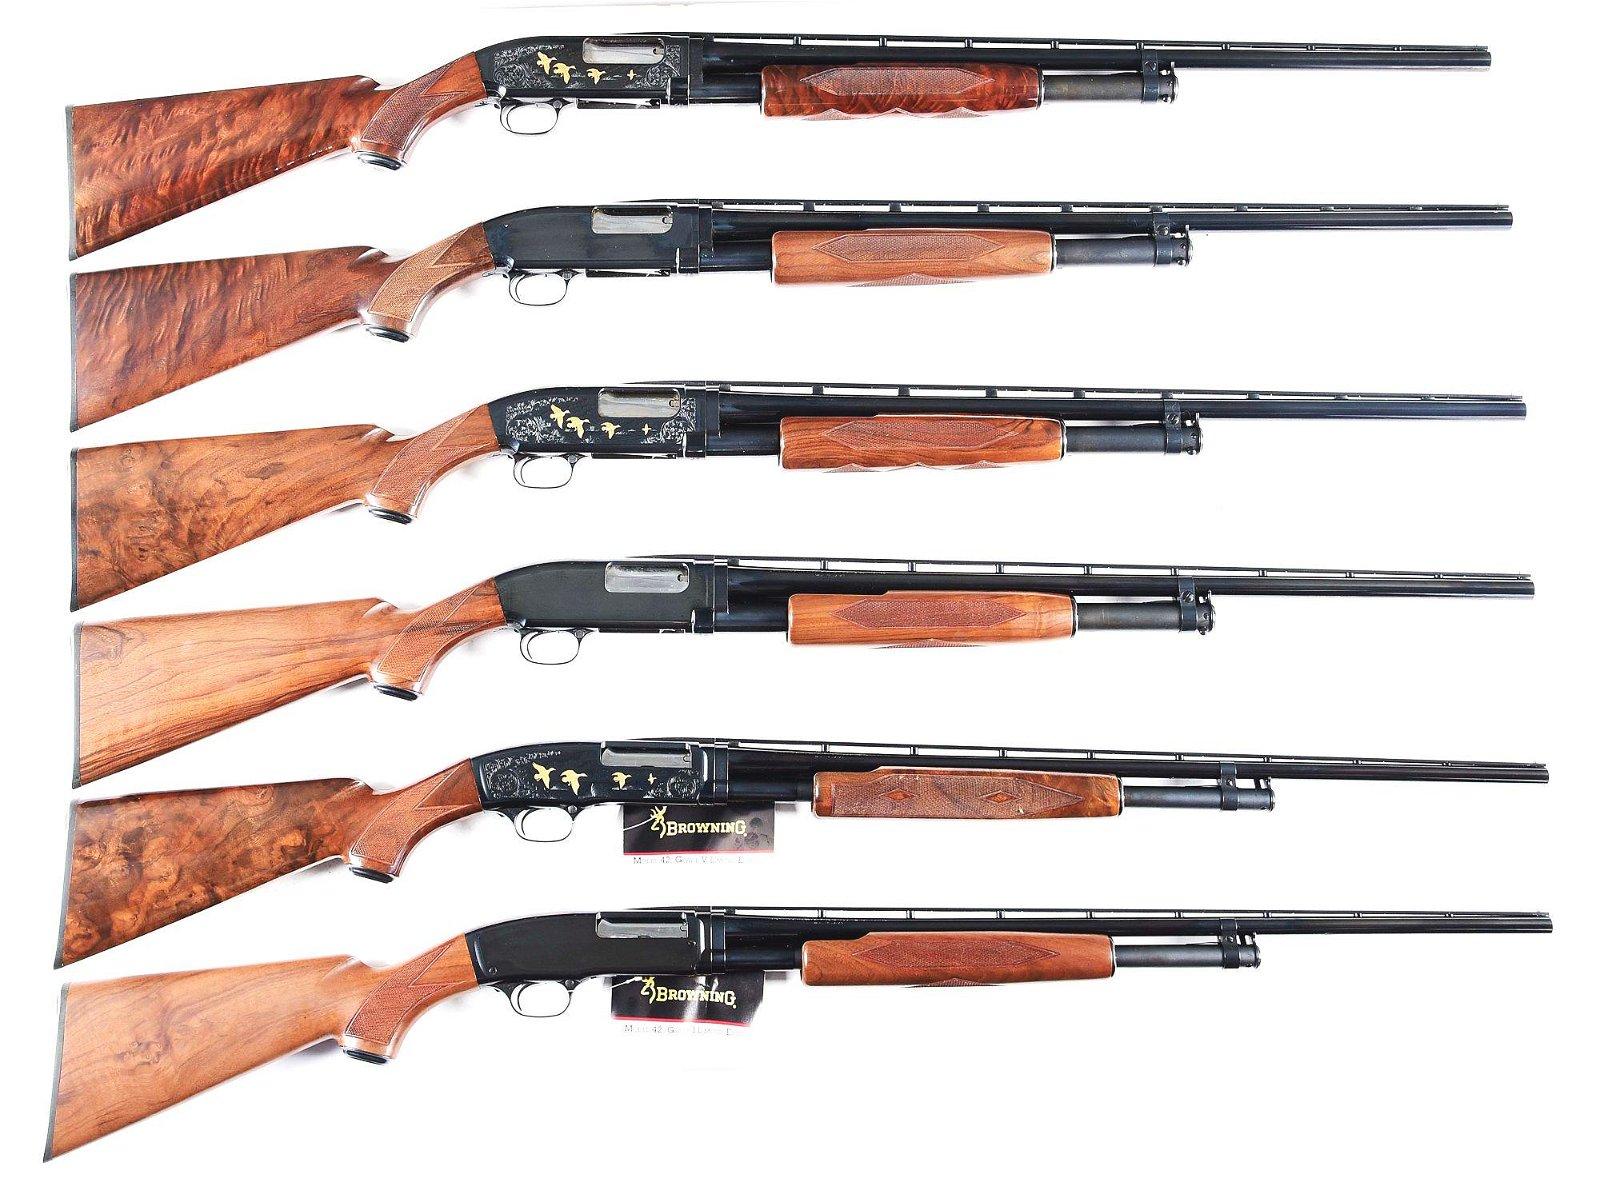 (M) LOT OF 6: BROWNING SLIDE ACTION SHOTGUNS.